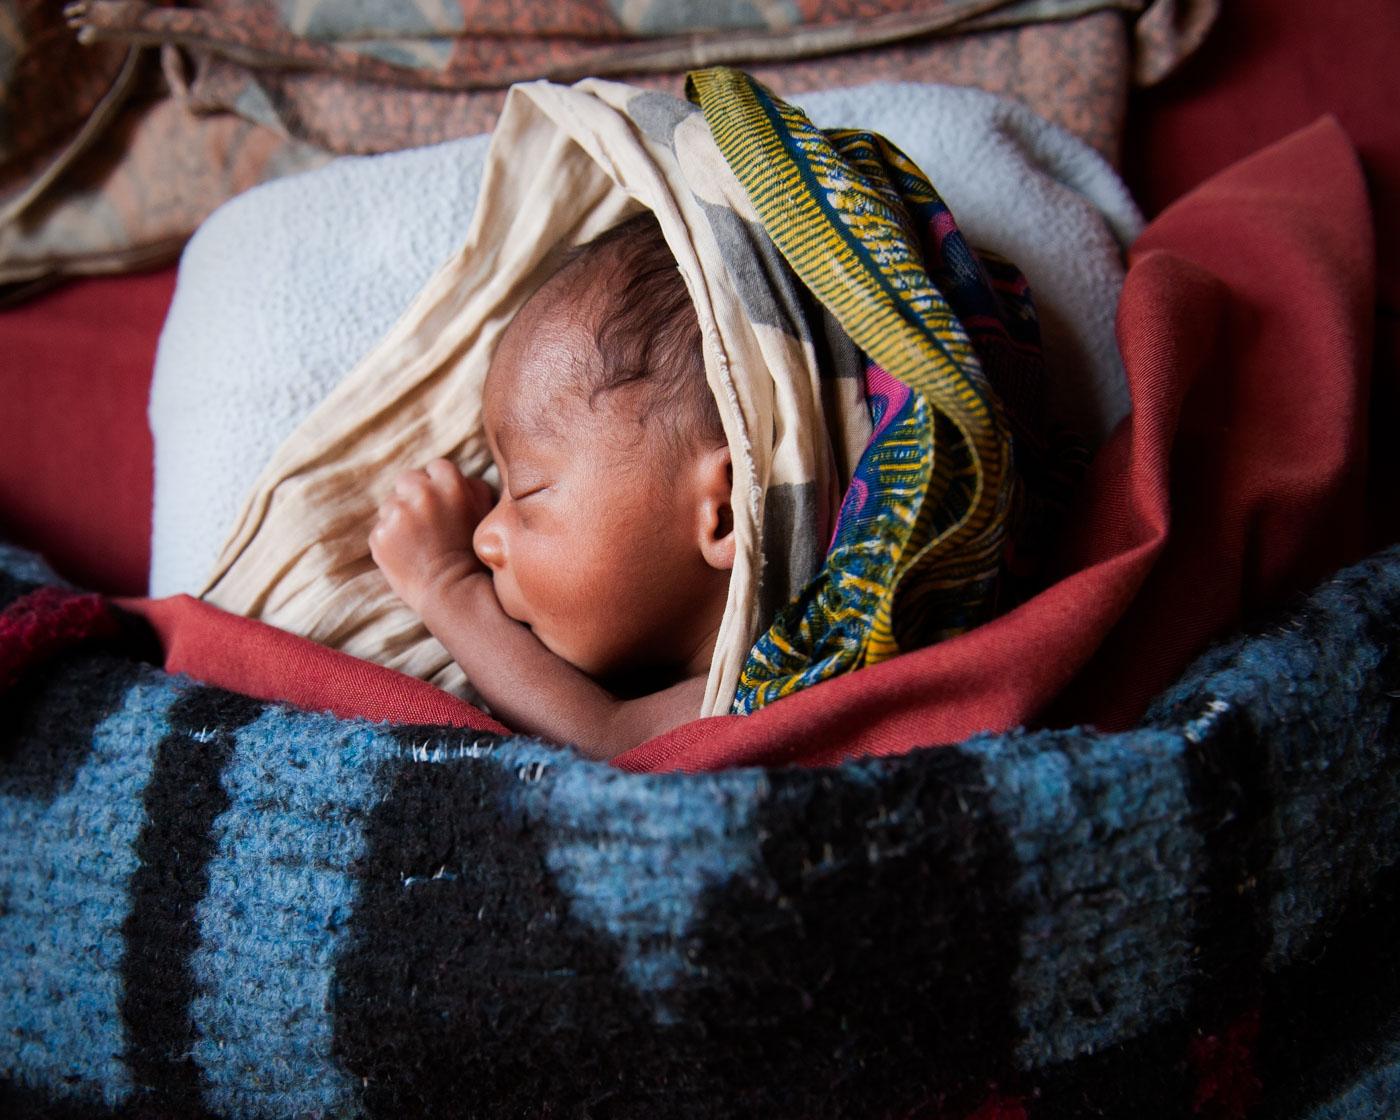 africa by elliott_-15.jpg